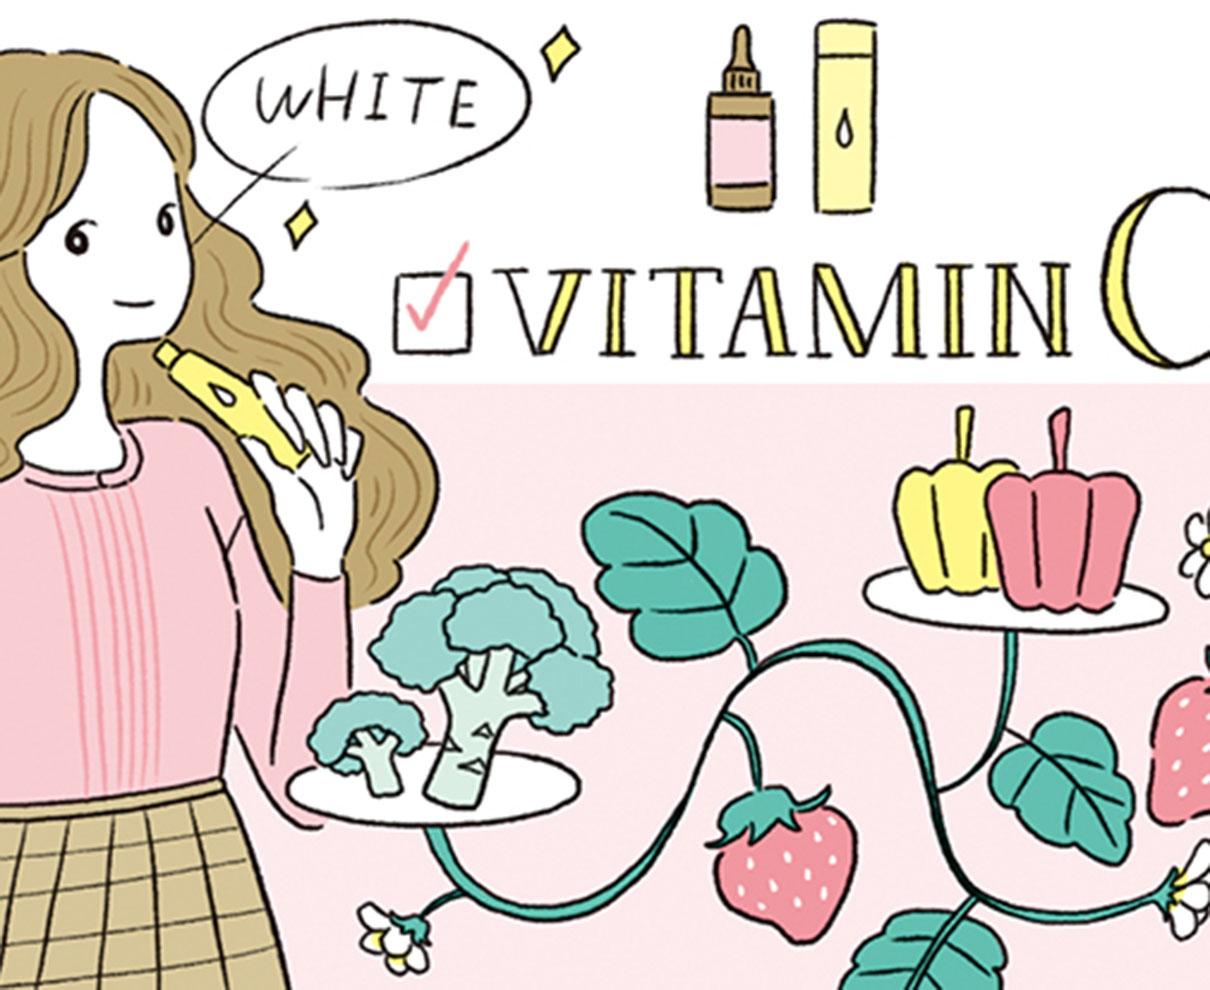 教えて! かずのすけ先生! 美容成分の代表格であるビタミンCとどう付き合う?